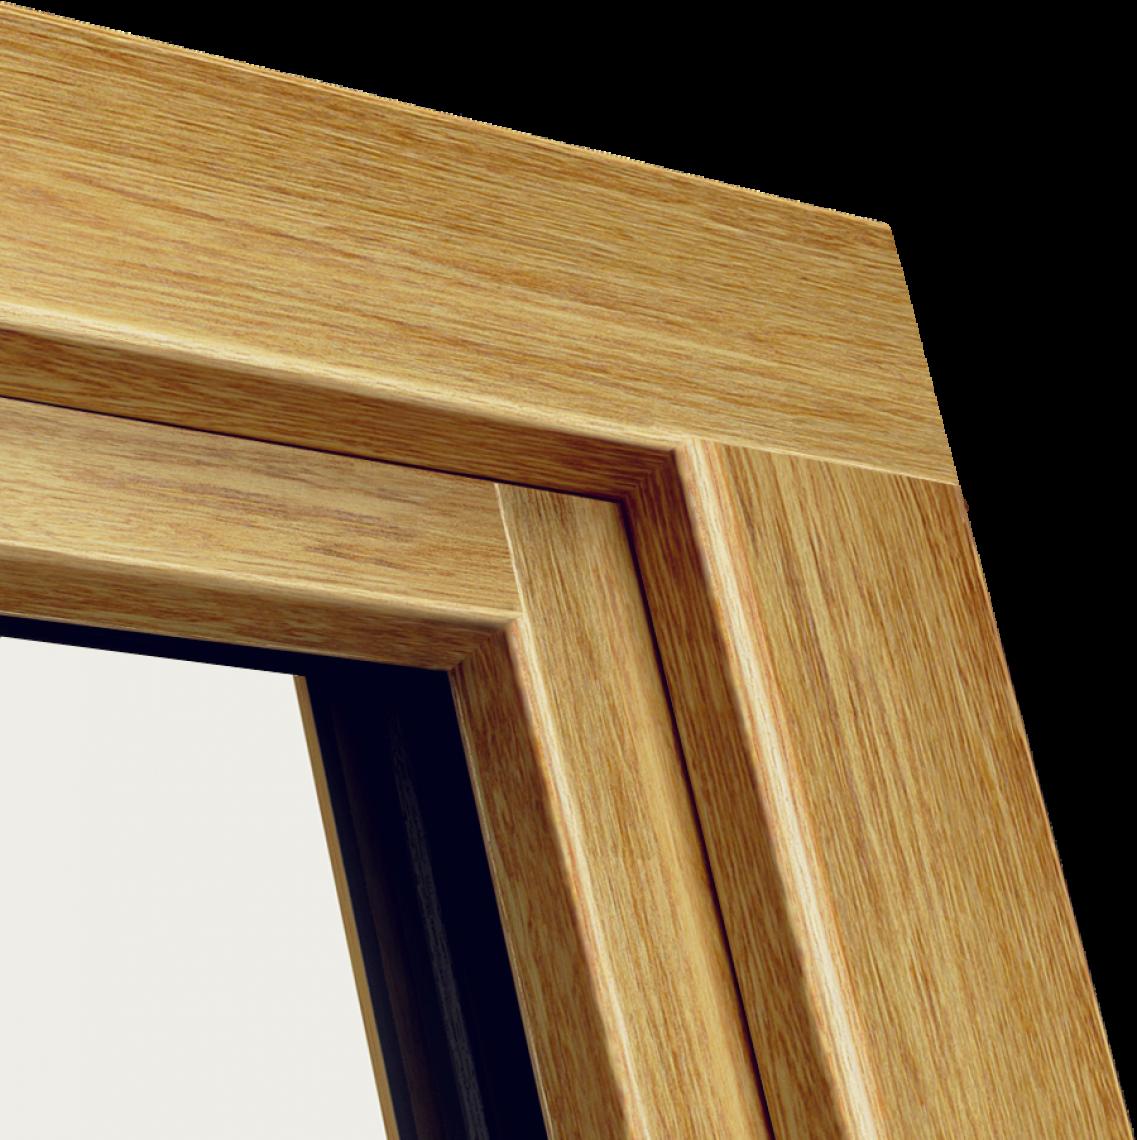 Fen tre en bois thermo 78 une meilleure isolation thermique for Isolation fenetre bois